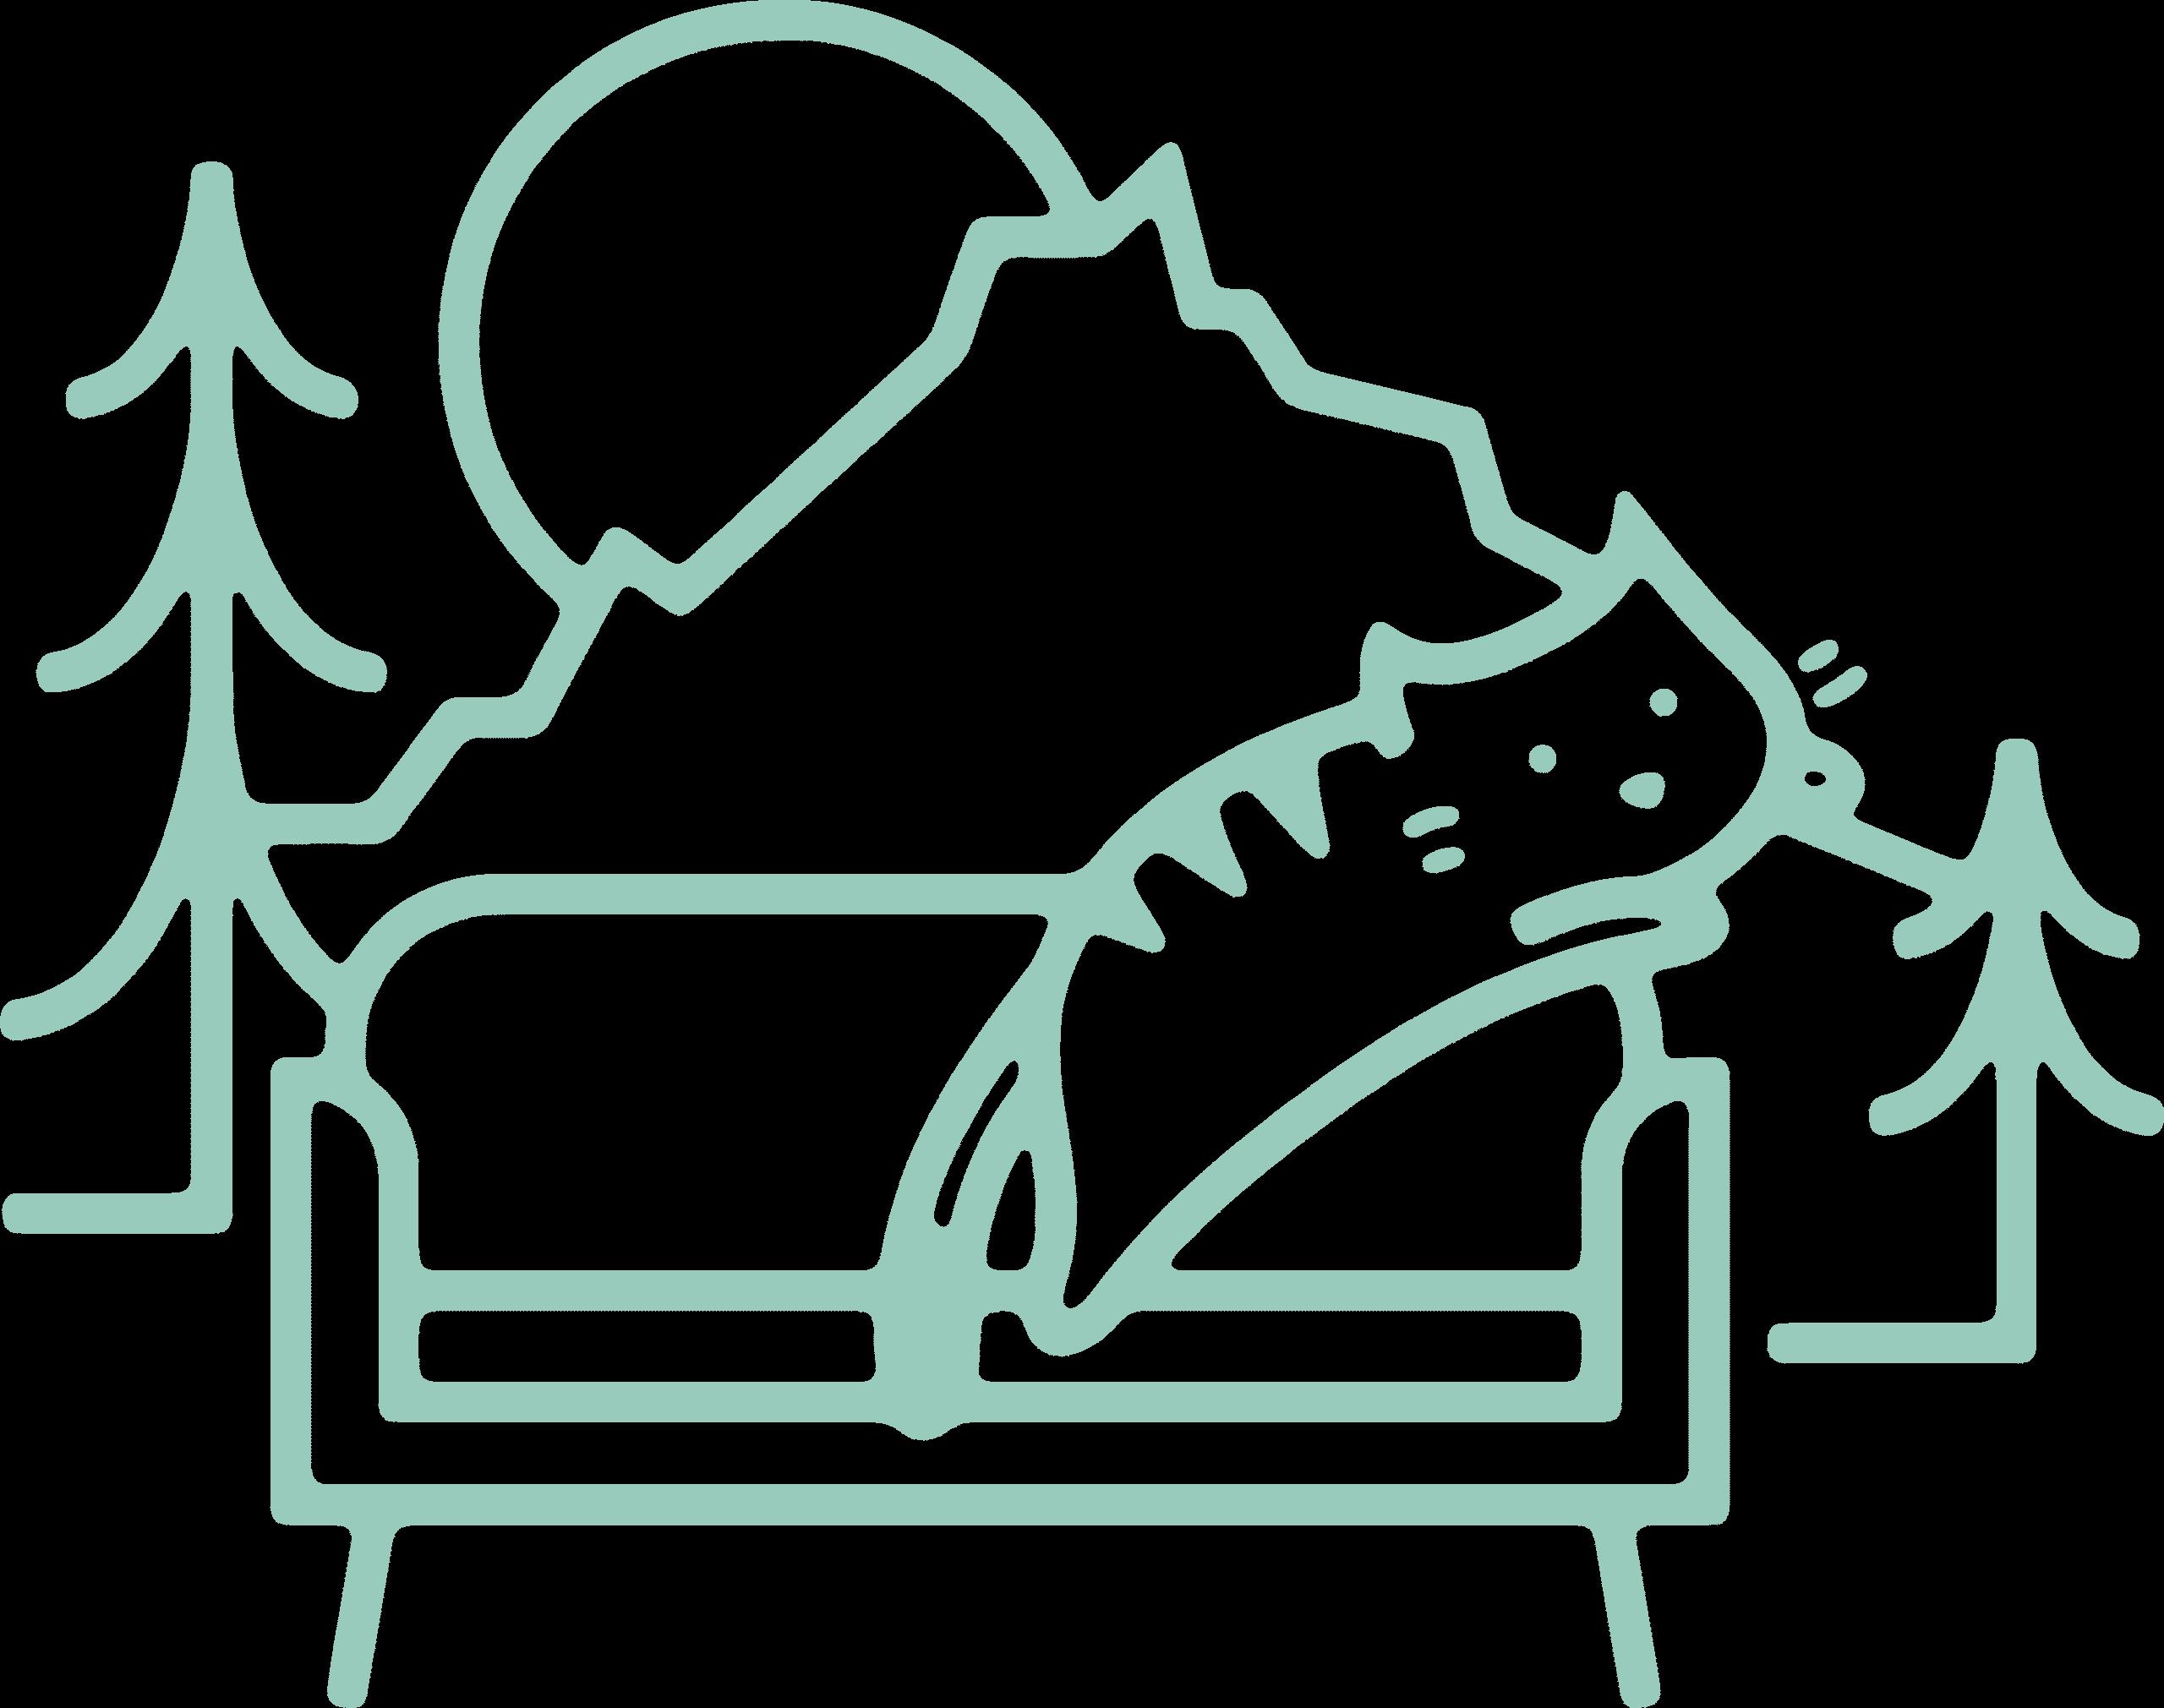 Couchflucht logo